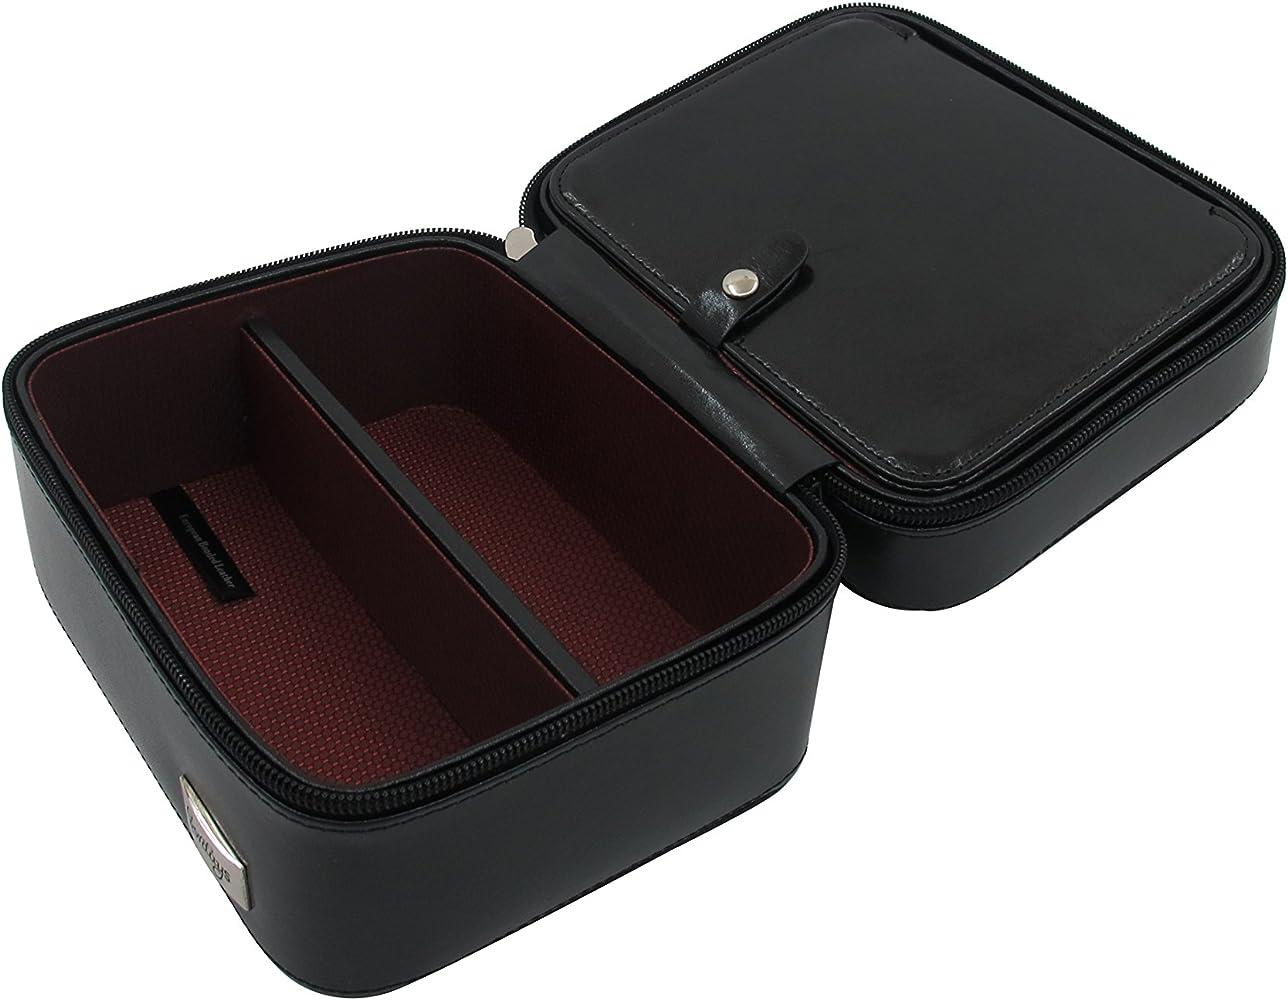 CORDAYS - Estuche para 2 Relojes y 2 Gafas Caja Organizadora Relojes y Gafas. - Hecho a Mano en Piel - Compacto y Cierre de Cremallera. Ideal para Viaje CDM-00002: Amazon.es: Relojes